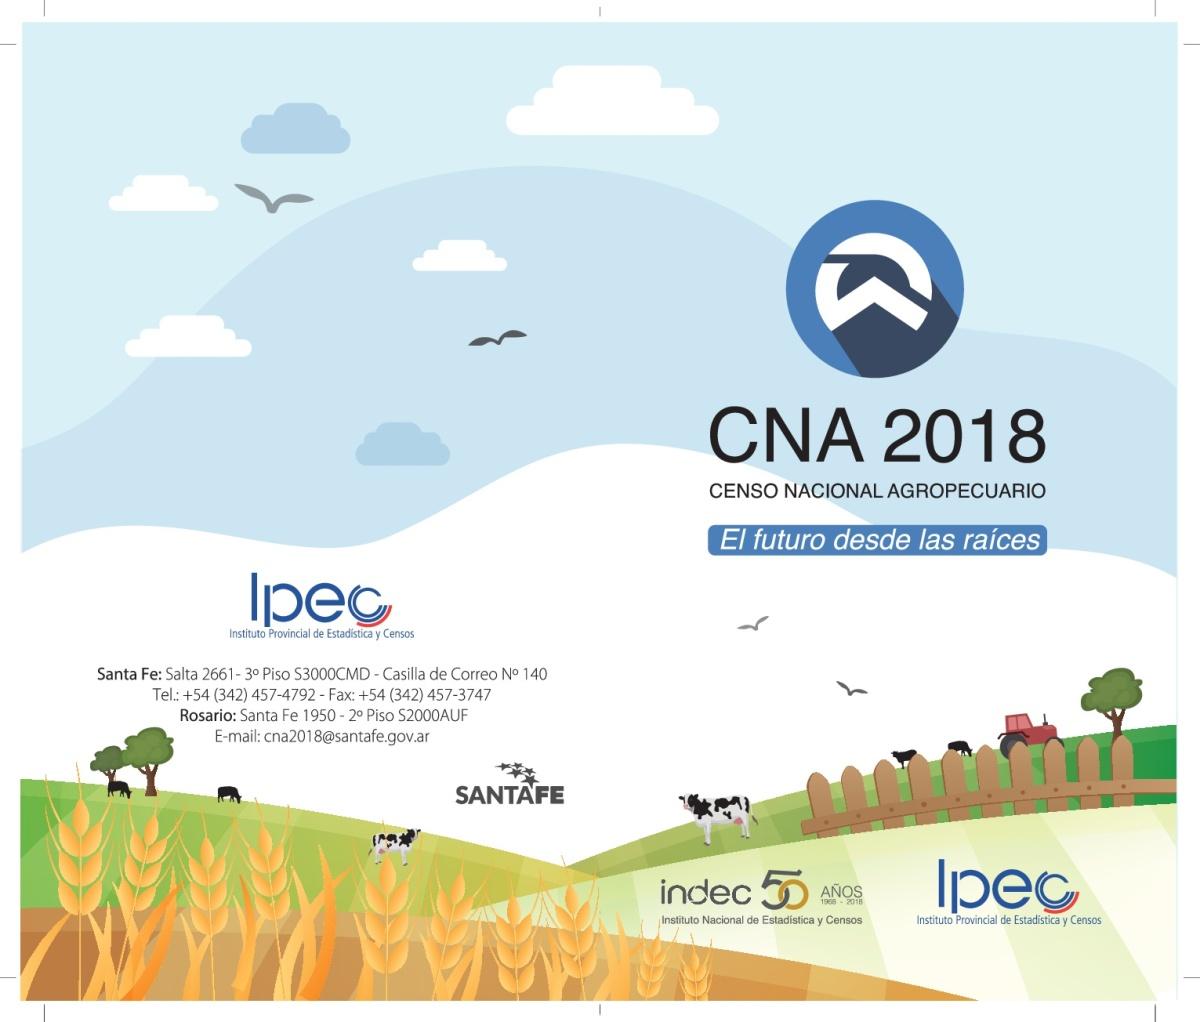 Convocatoria de censistas y auxiliares para el Censo Nacional Agropecuario 2018